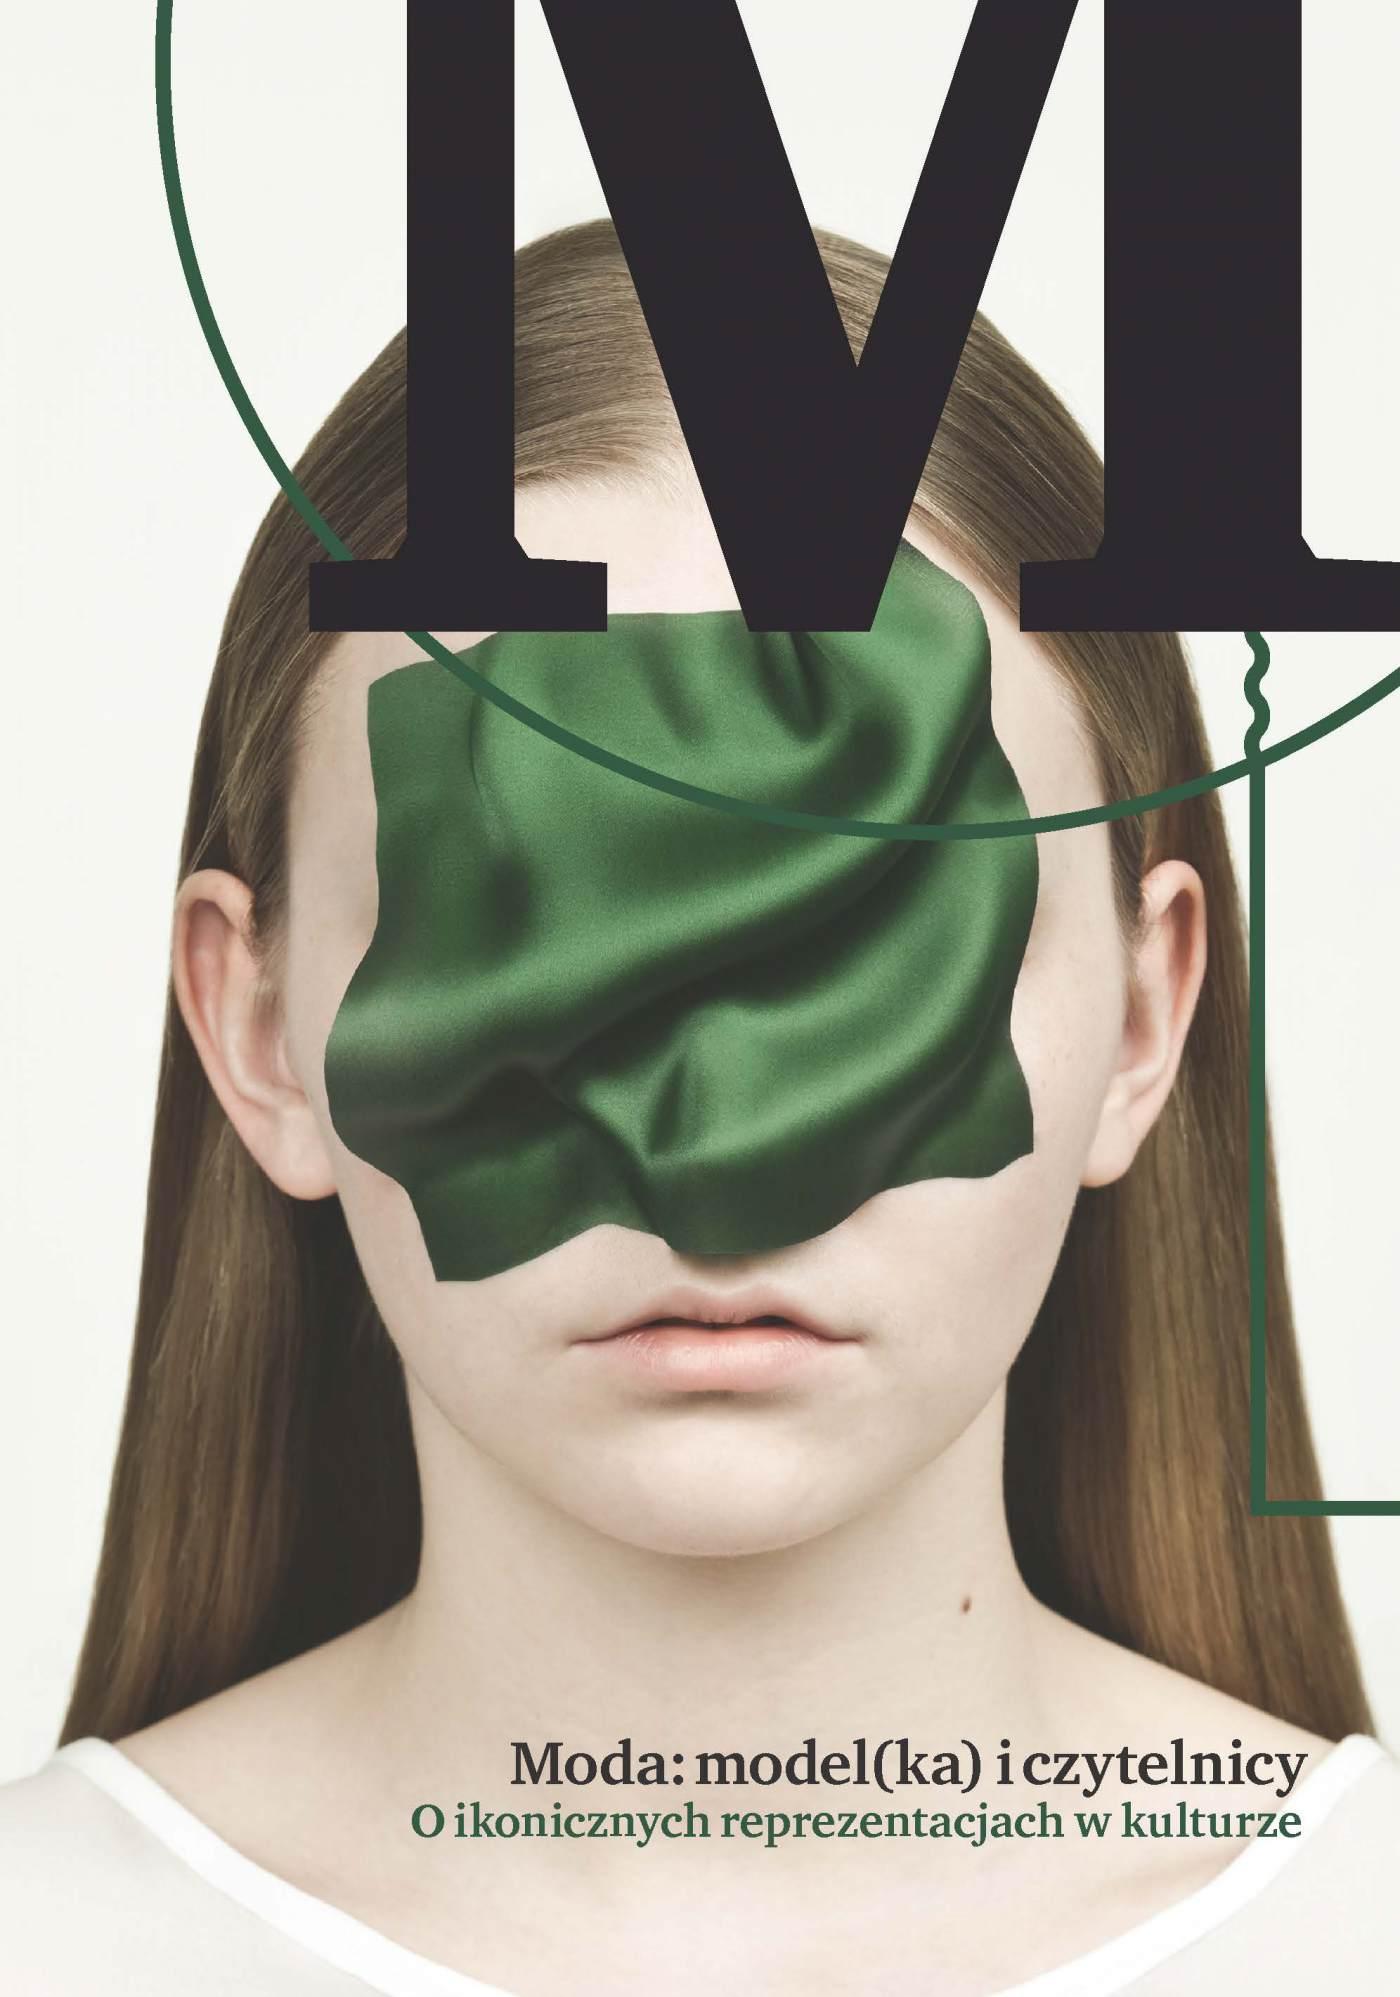 Moda: model(ka) i czytelnicy. O ikonicznych reprezentacjach w kulturze - Ebook (Książka PDF) do pobrania w formacie PDF